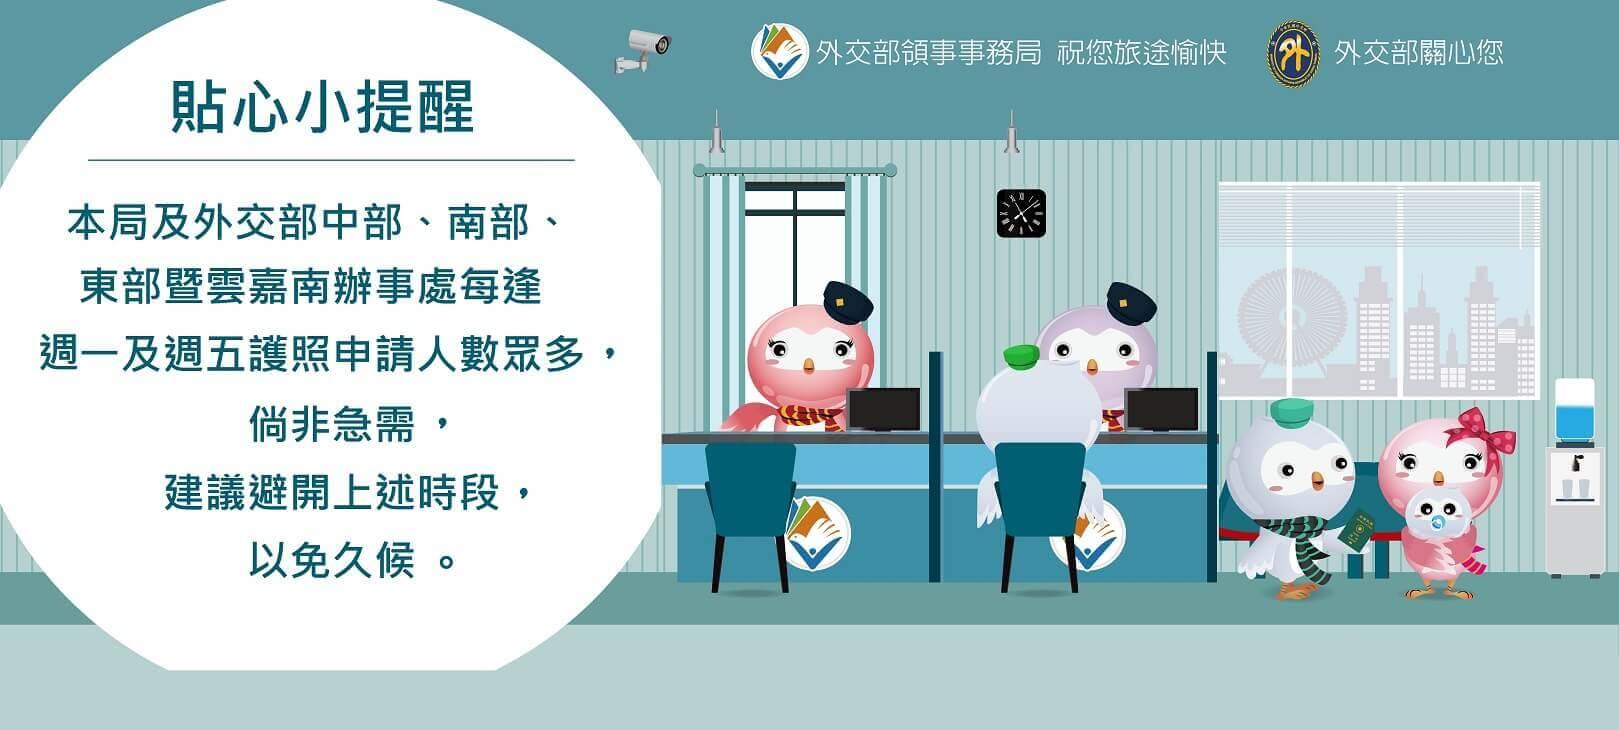 本局及外交部中部、南部、東部暨雲嘉南辦事處每逢週一及週五申辦護照人數眾多......